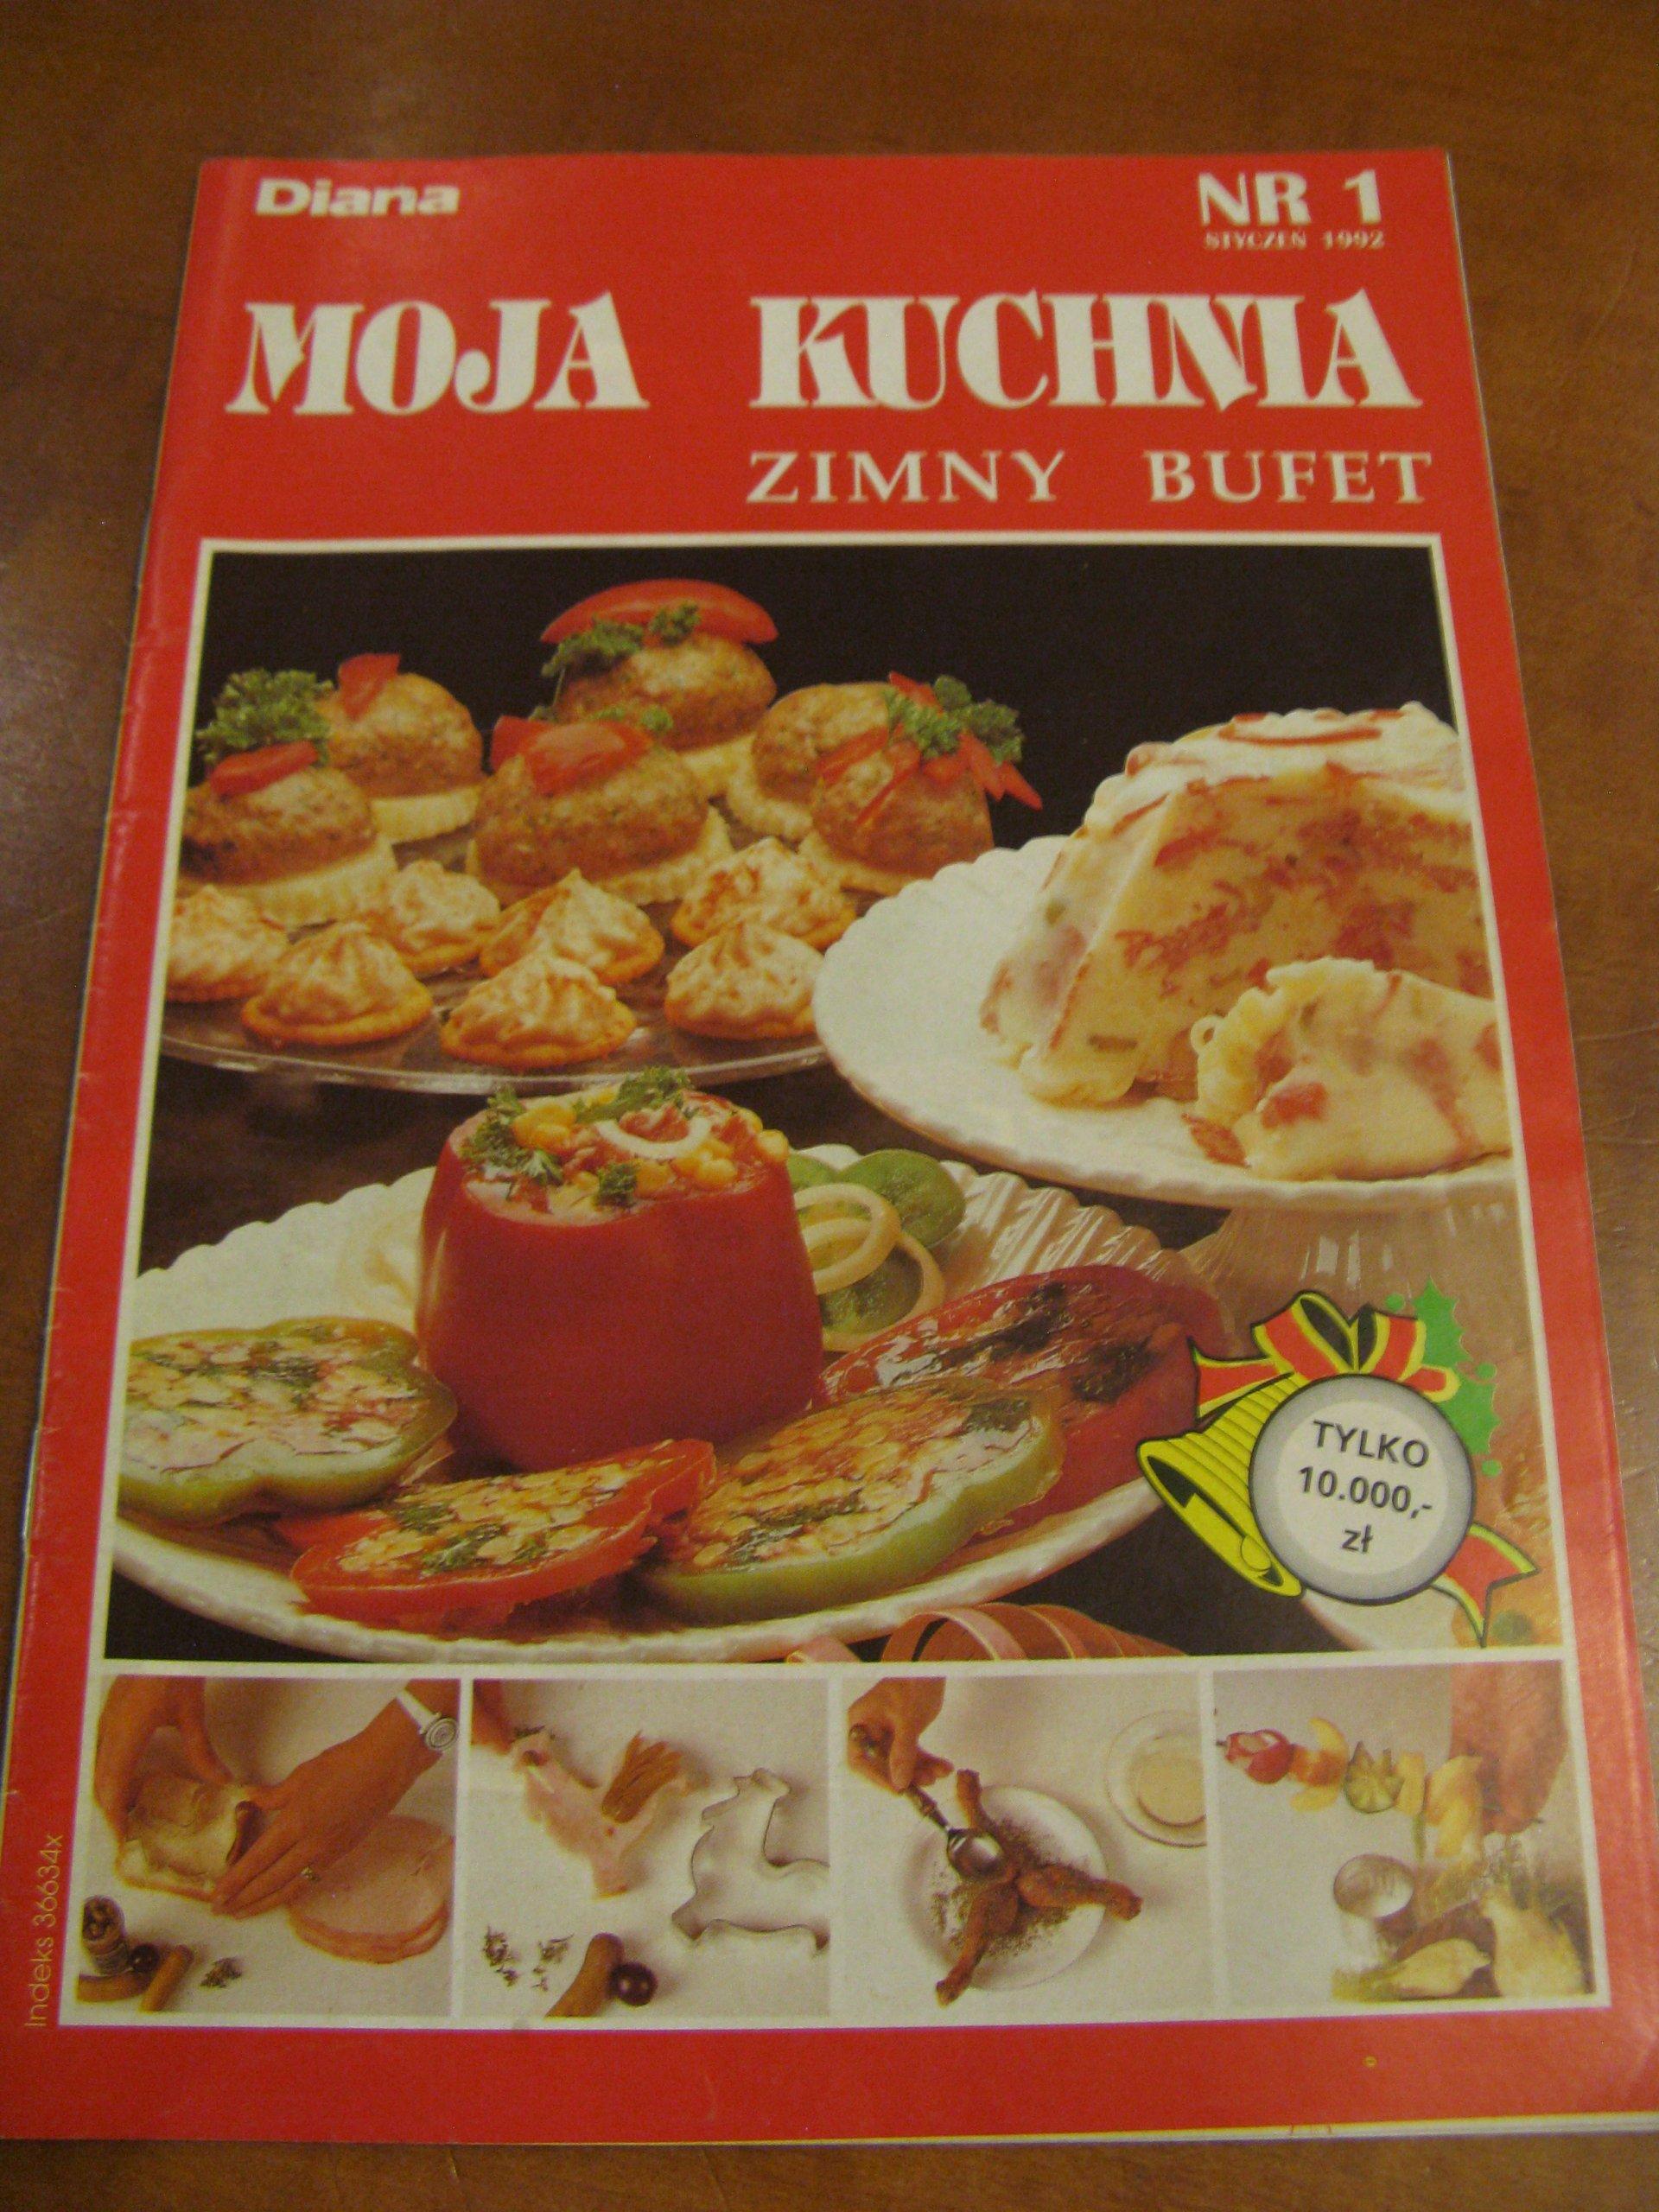 Diana Moja Kuchnia Zimny Bufet 11992